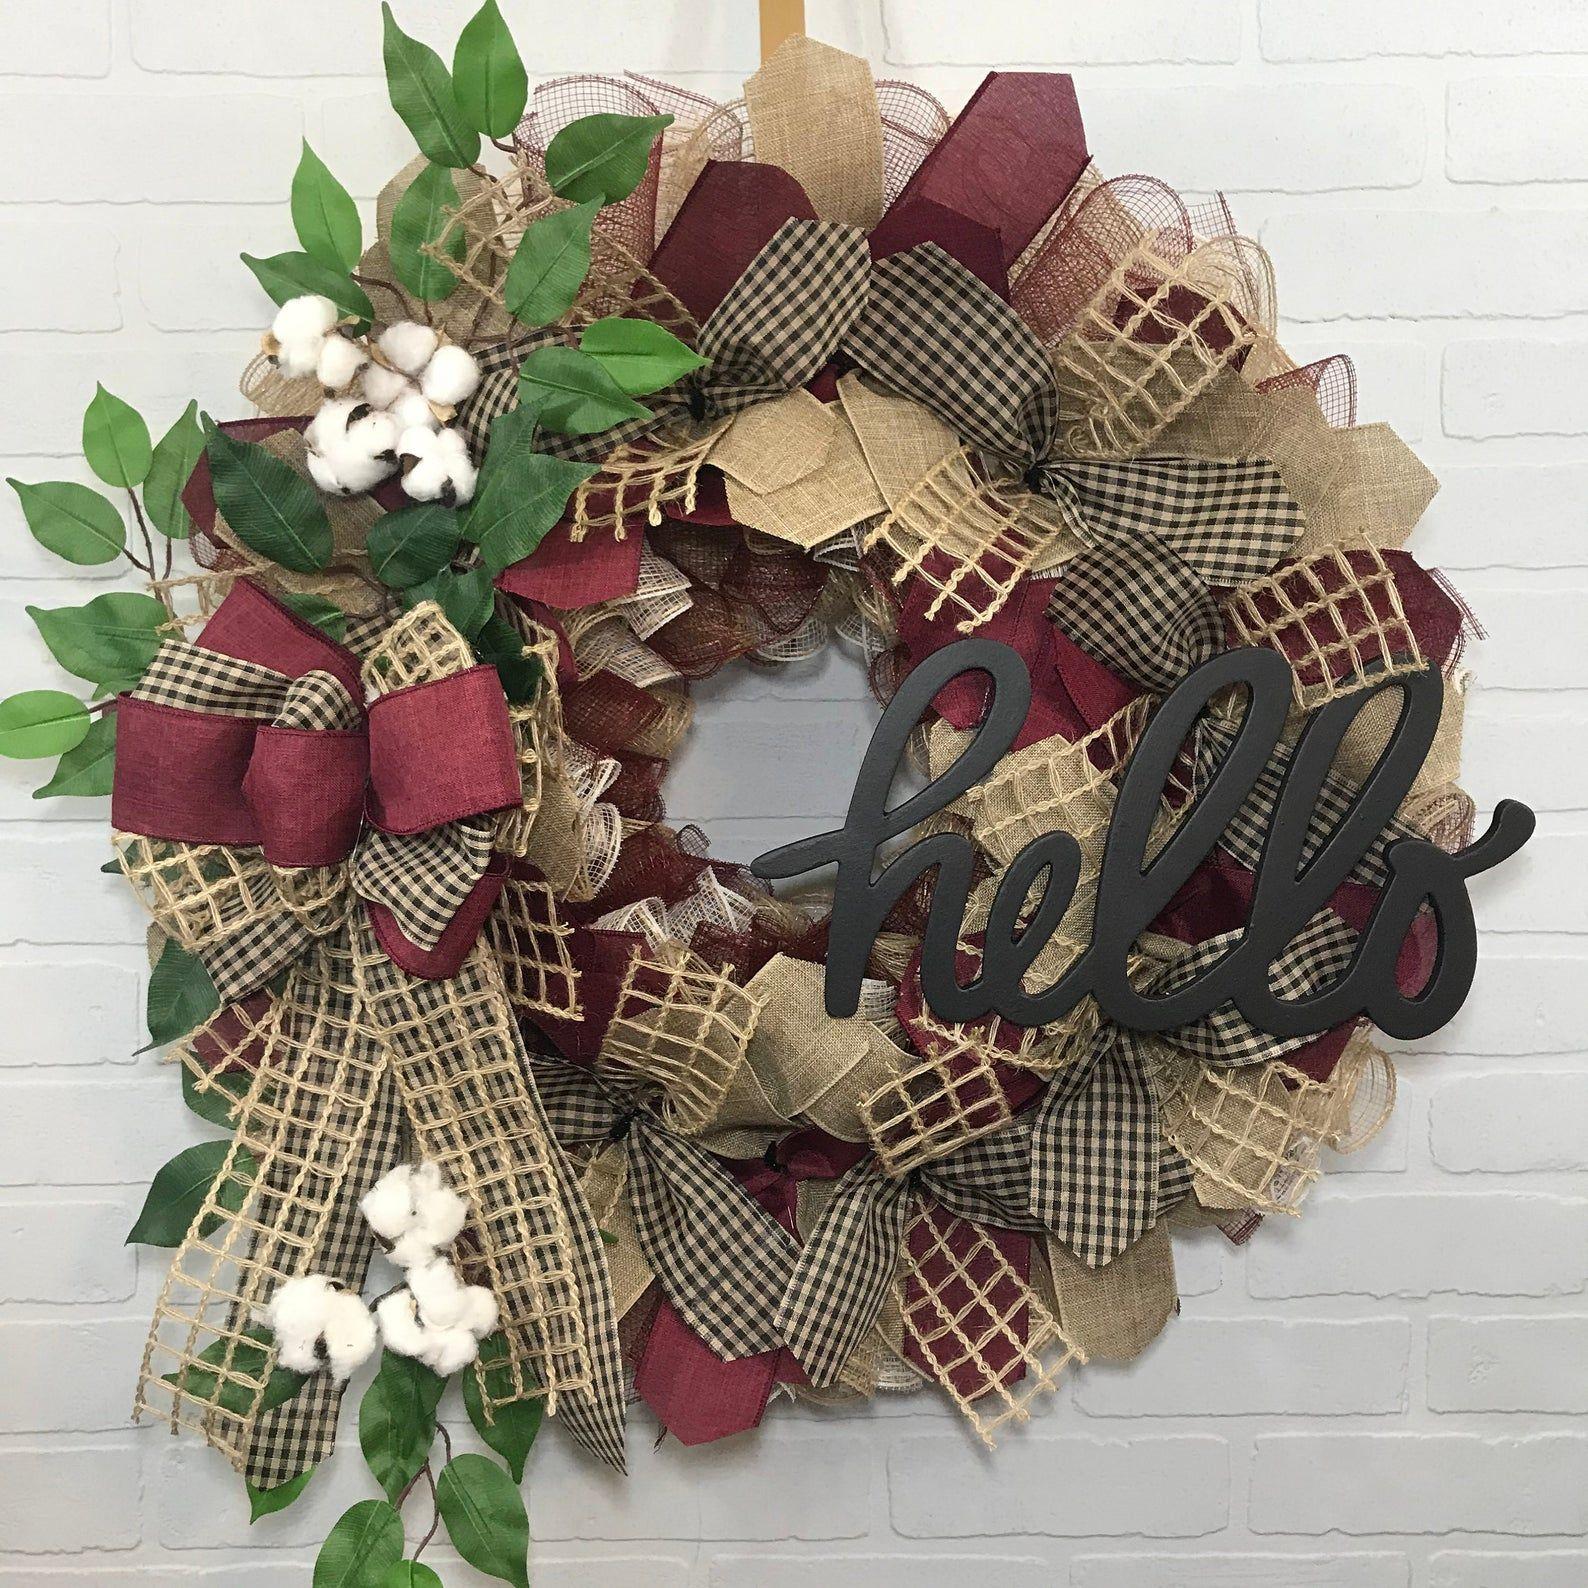 Heart Wreath Farmhouse Wreath Country Farmhouse Decor Welcome  Wreath Burlap Wreath Everyday Wreath Deco Mesh Wreath Rustic Wreath